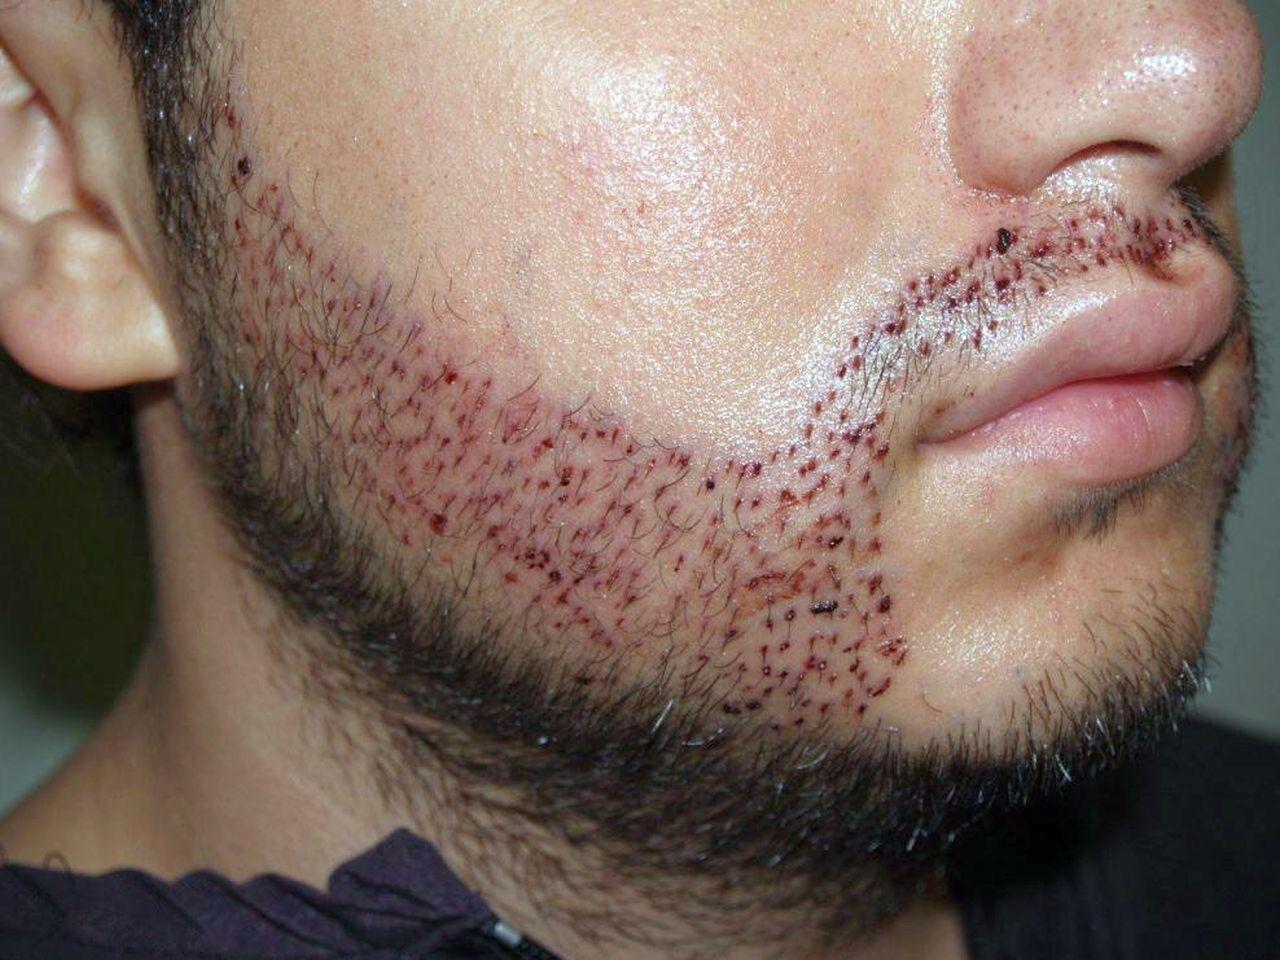 Trapianto di barba: ecco cosa succede quando va male